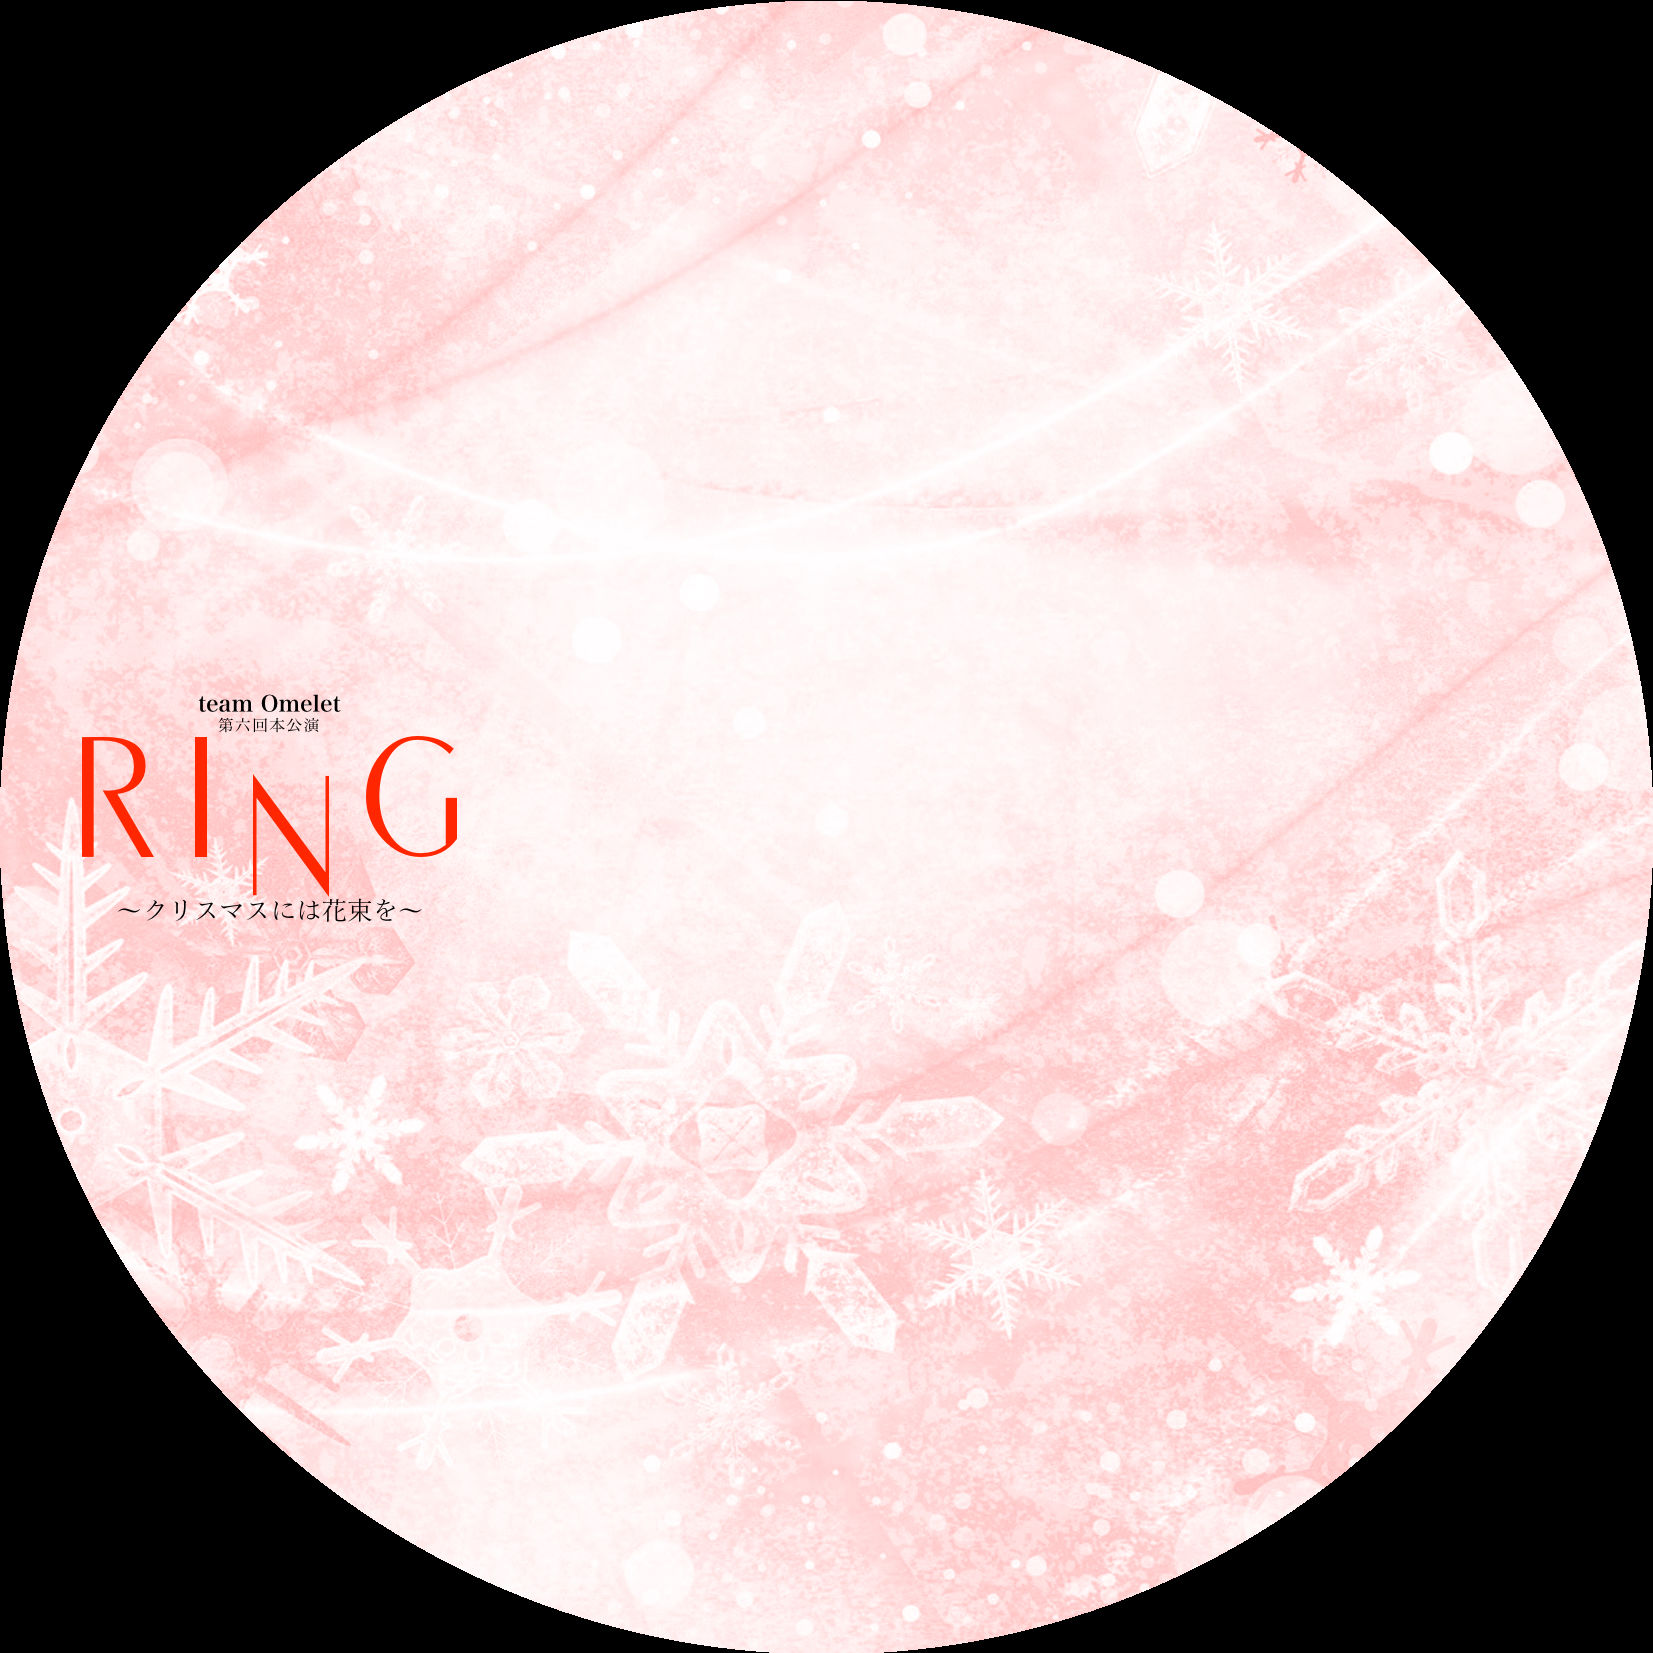 舞台DVD 「RING-クリスマスには花束を-」 team B版